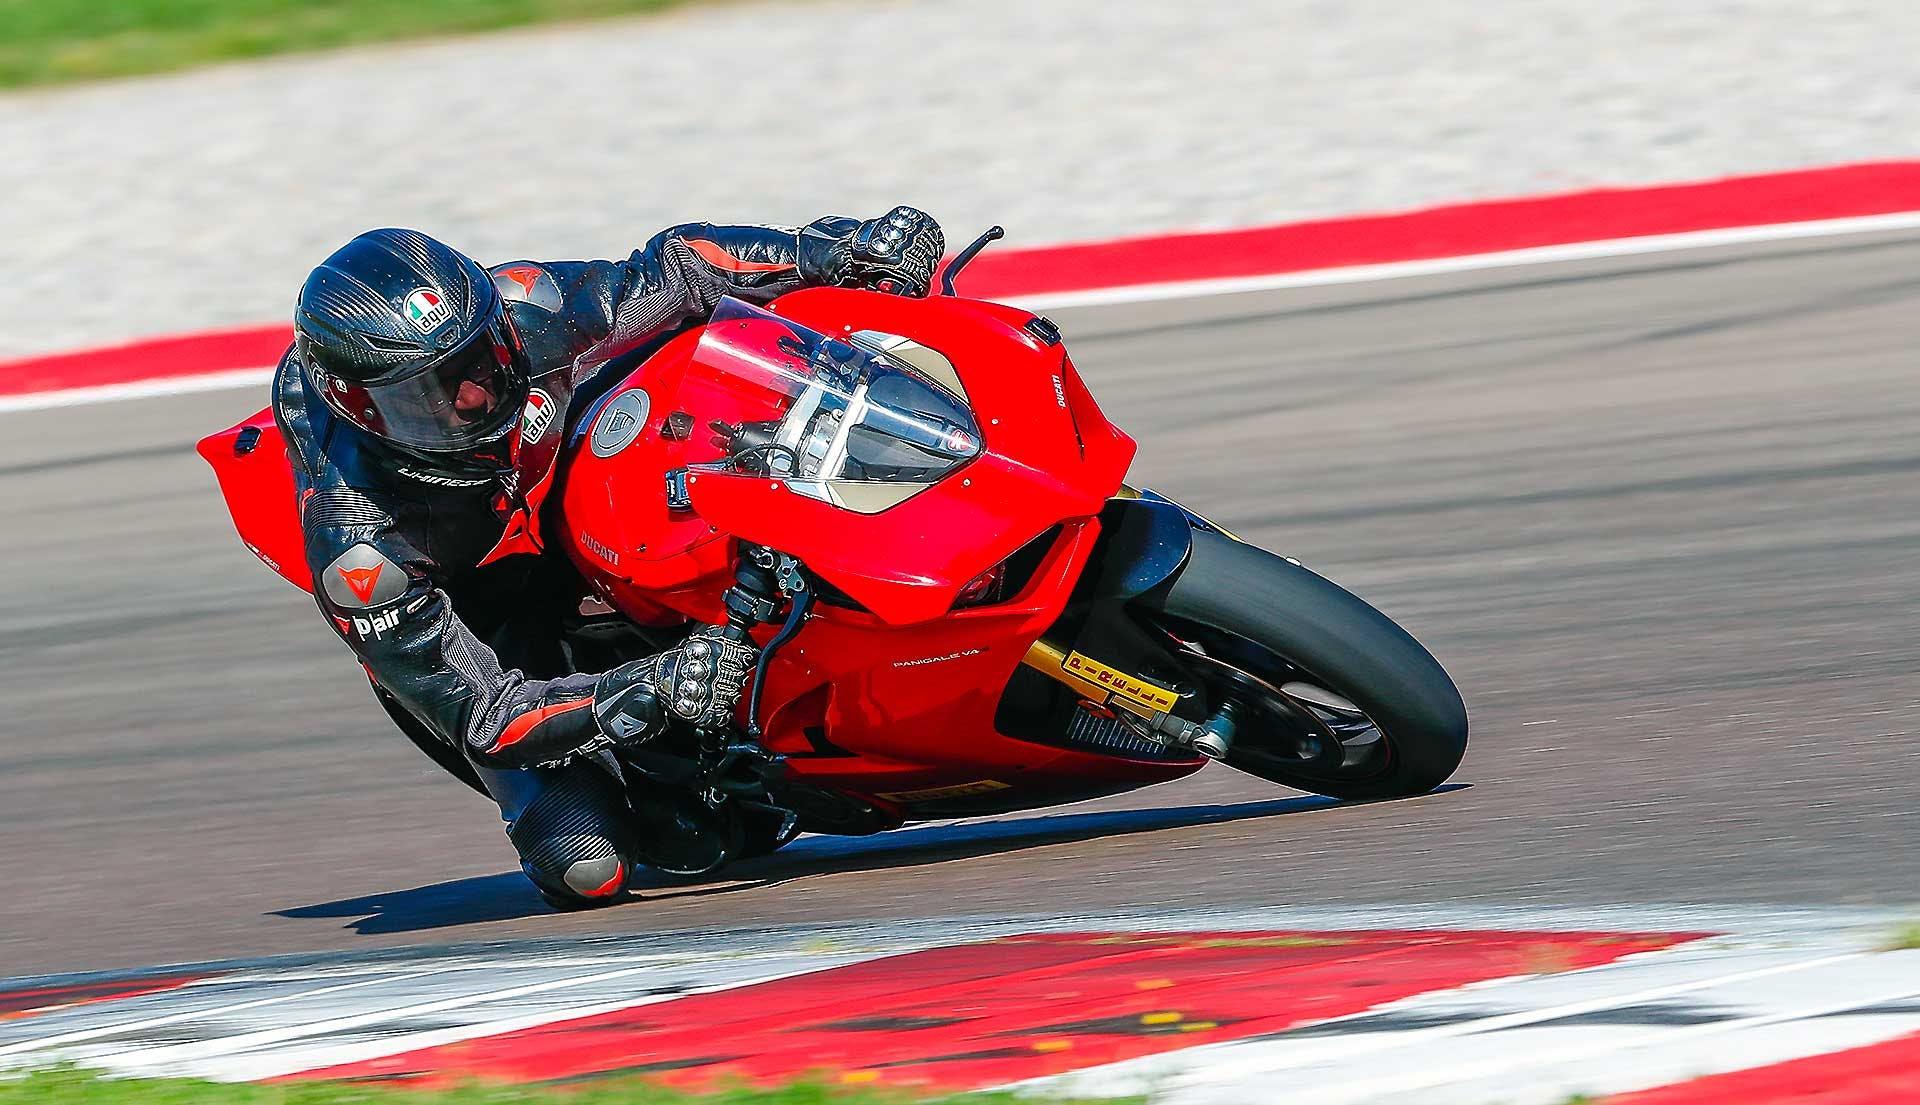 Comparativa-1000-2019-Ducati-Panigale-V4S-014